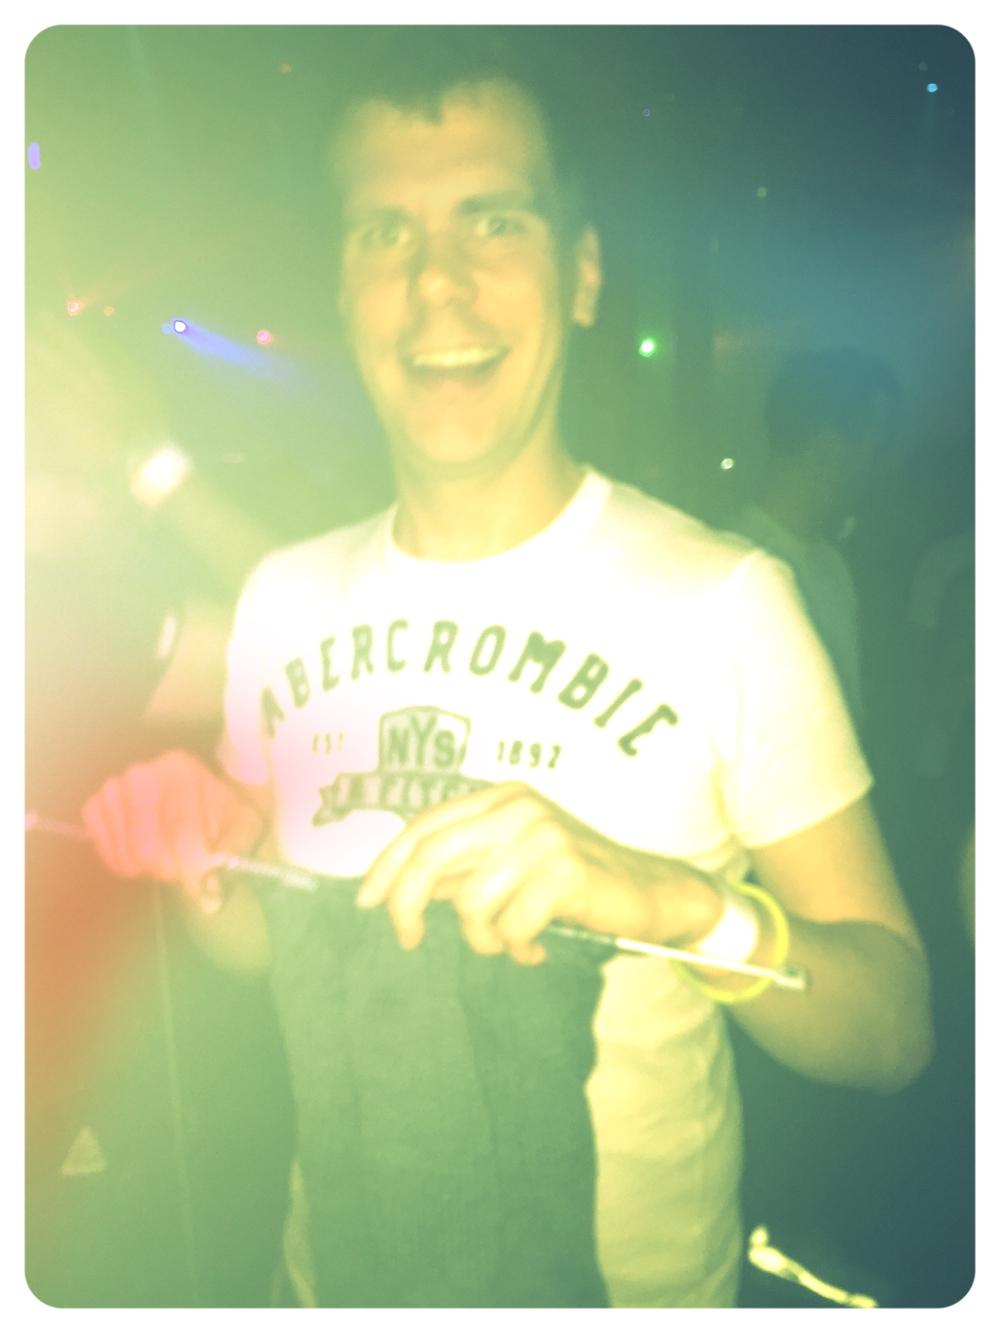 Nightclub Knitting